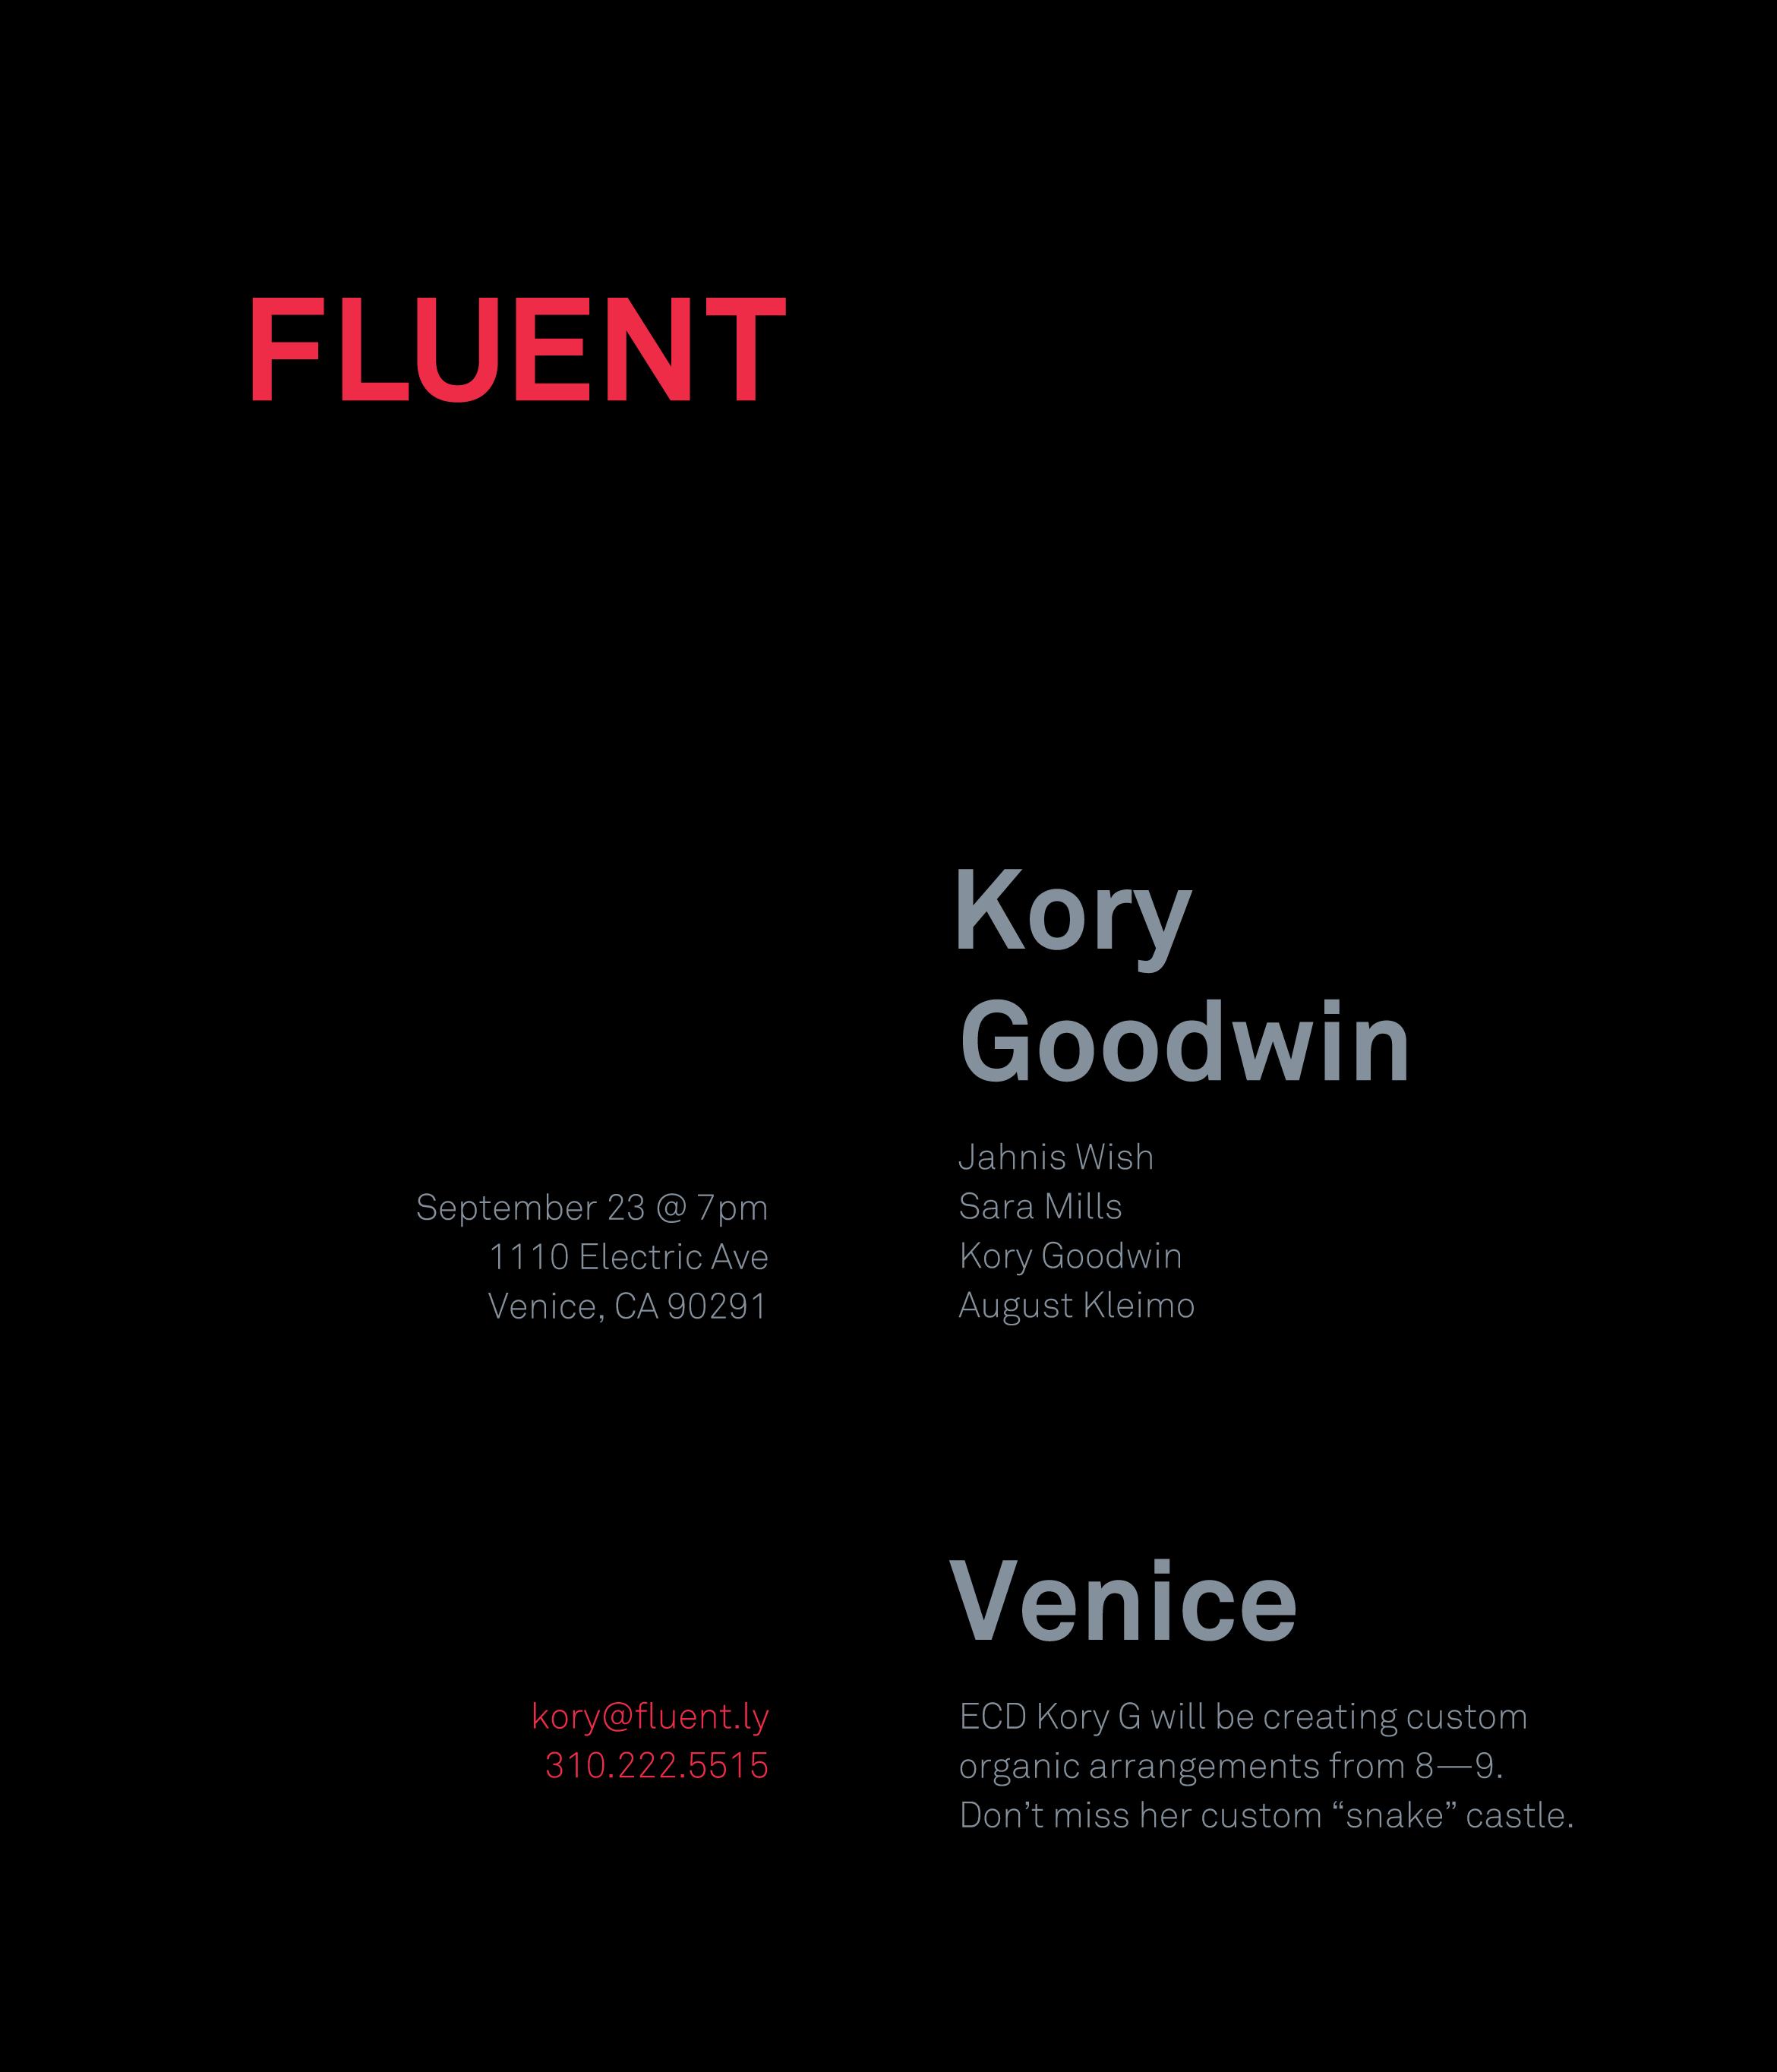 raykovich_fluent_poster_04